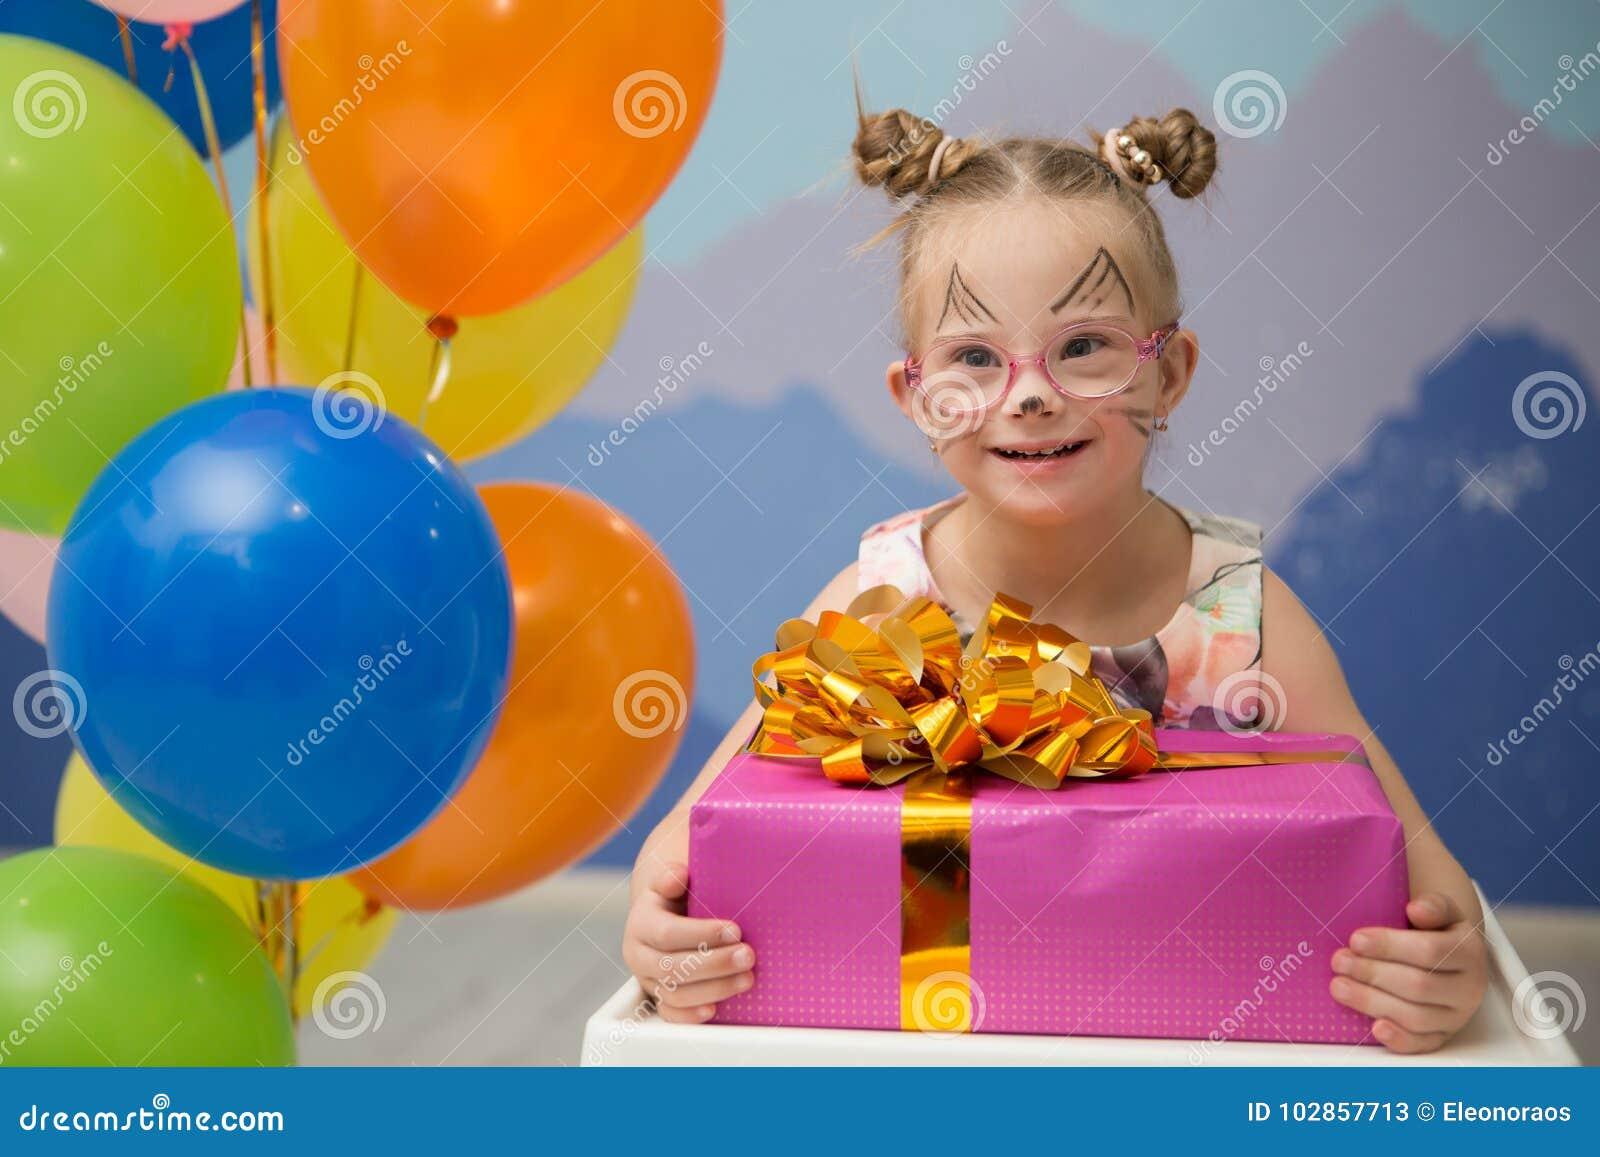 Bella ragazza con sindrome di Down con un regalo di compleanno